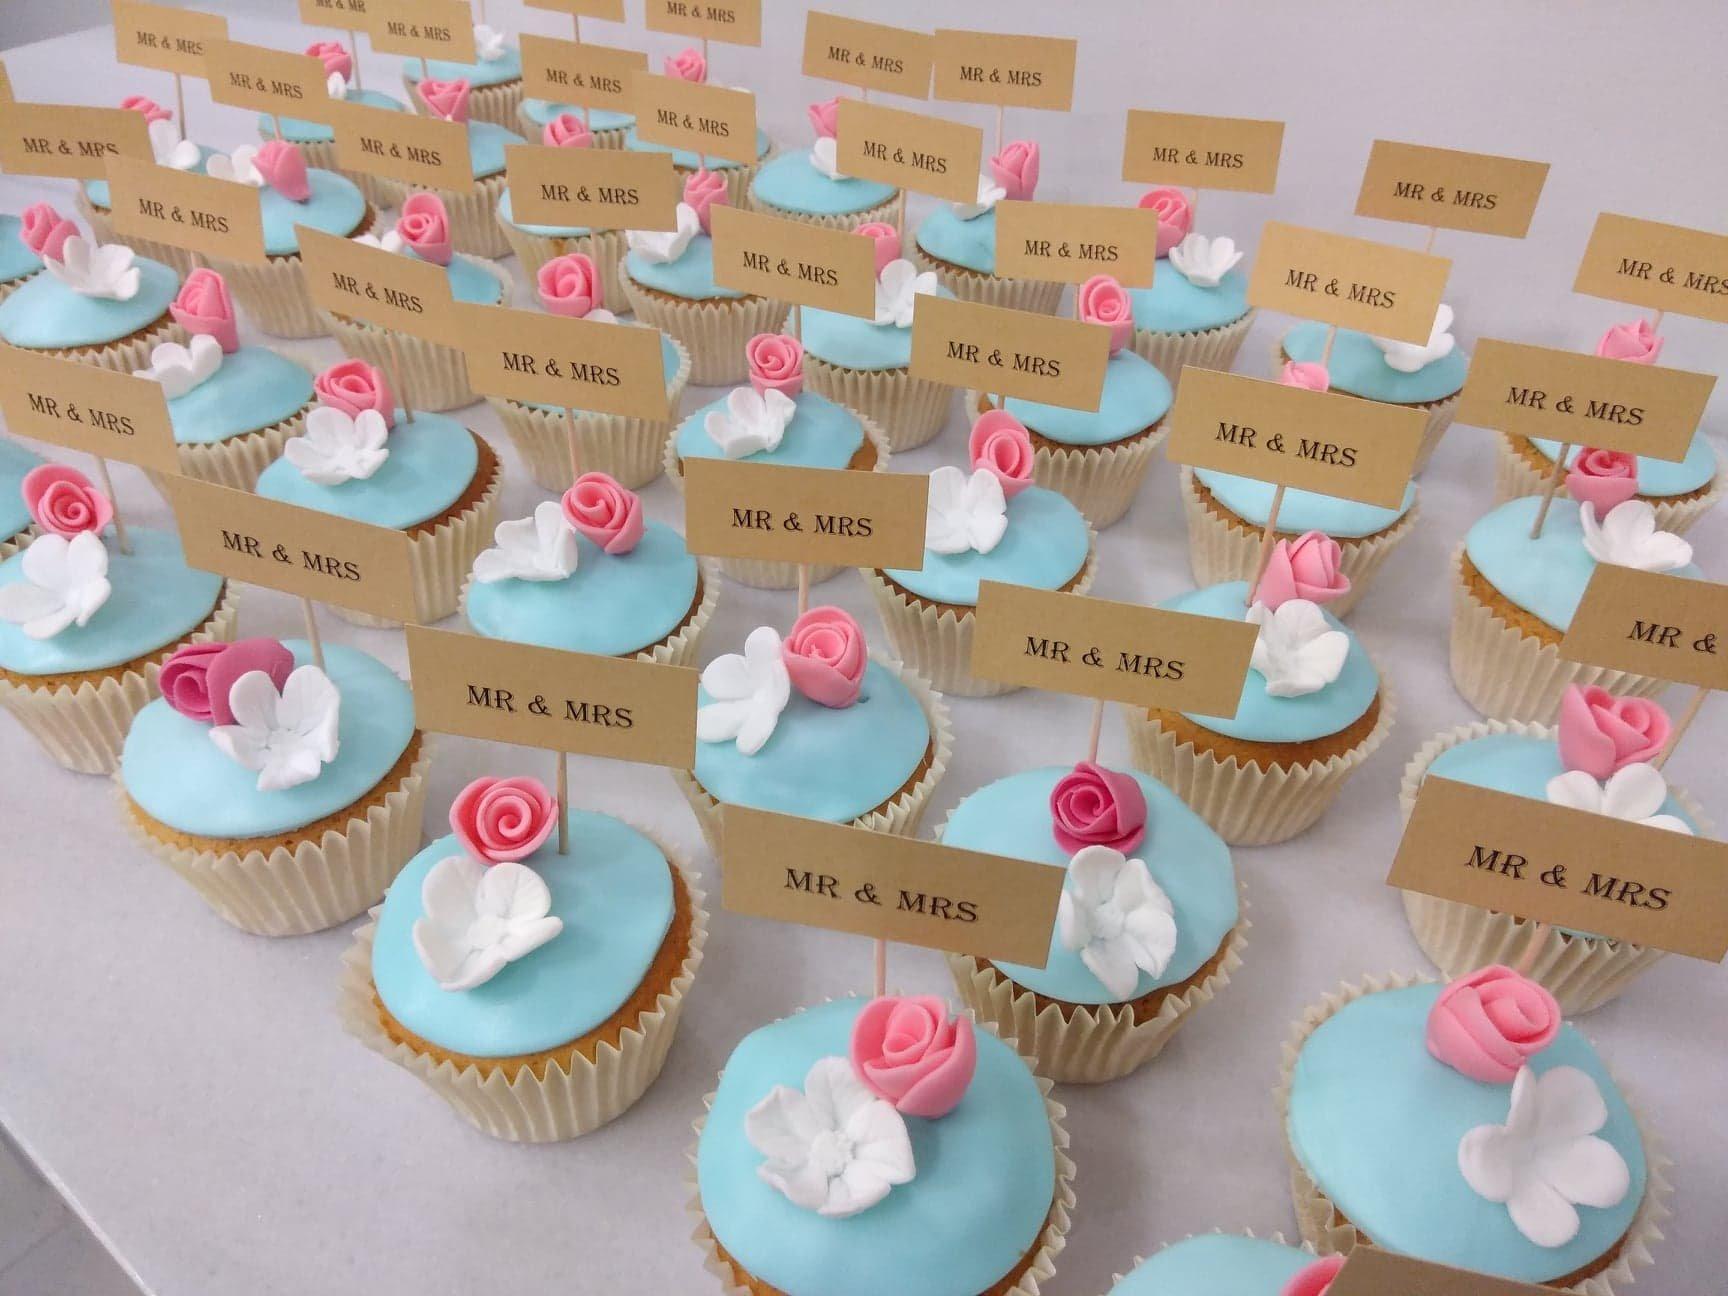 μπουφέ γλυκά γάμου cupcakes mr & mrs λουλούδι μπουμπούκι, madamecharlotte.gr, wedding cakes kalamata